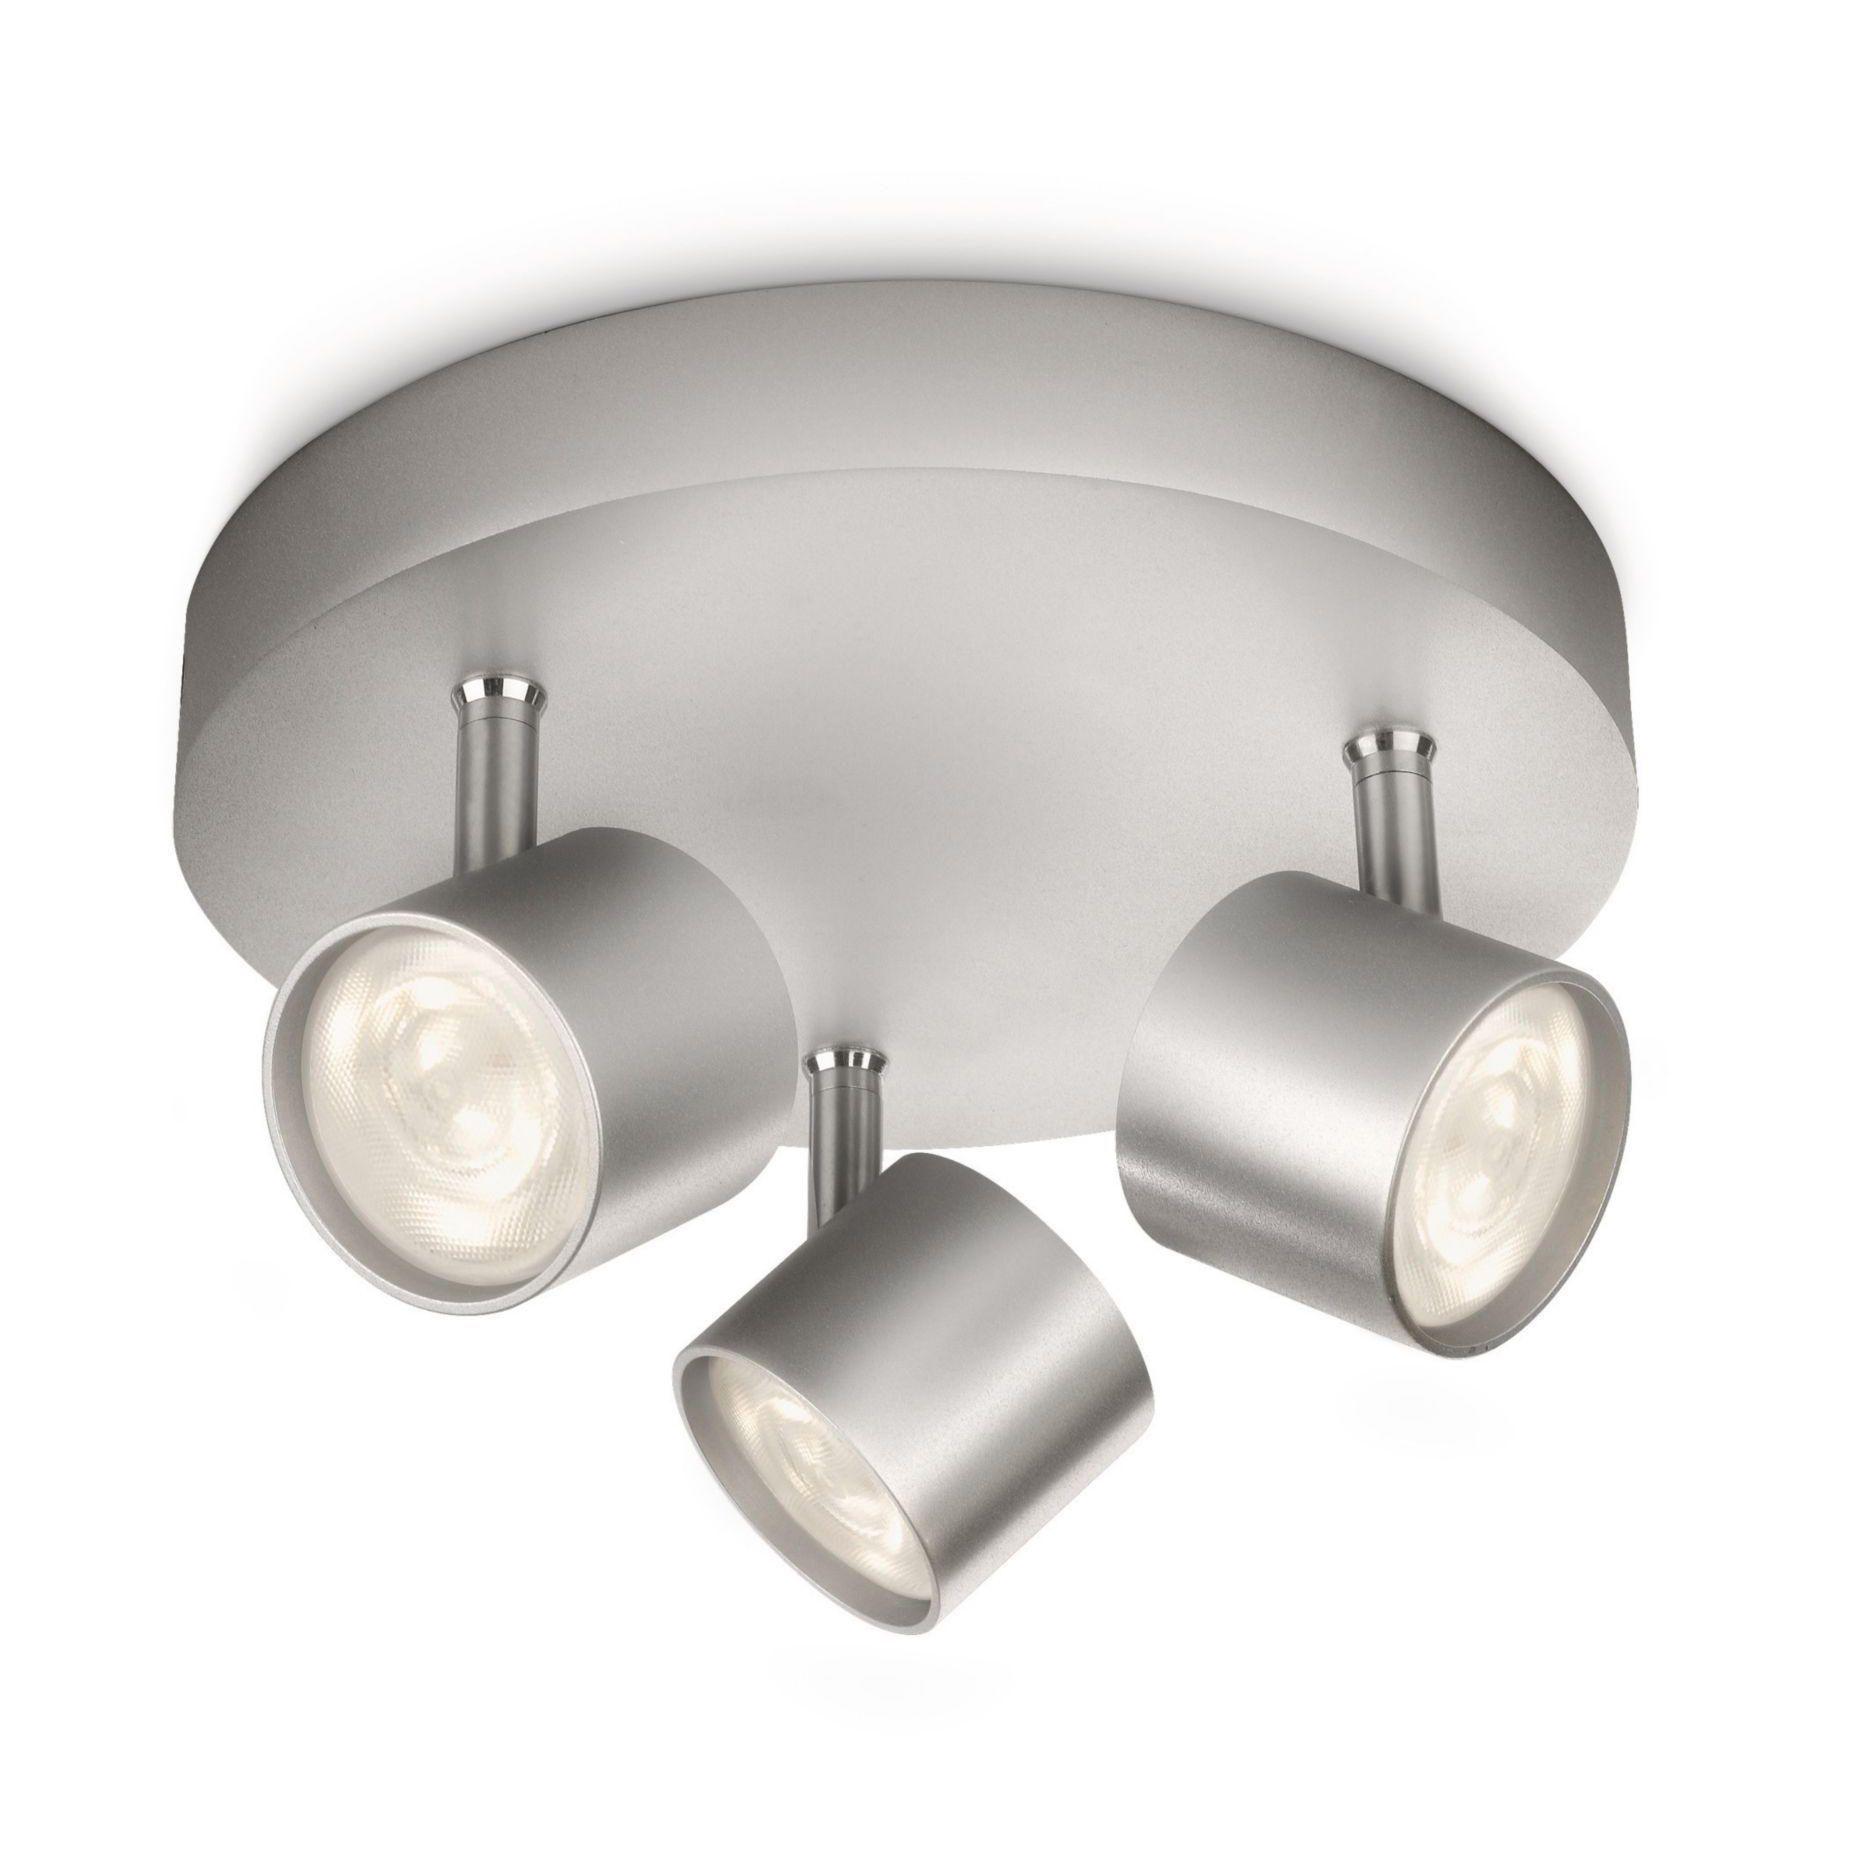 Plate LED 3 Light Aluminium Philips Star Ceiling Spotlight Plate LED